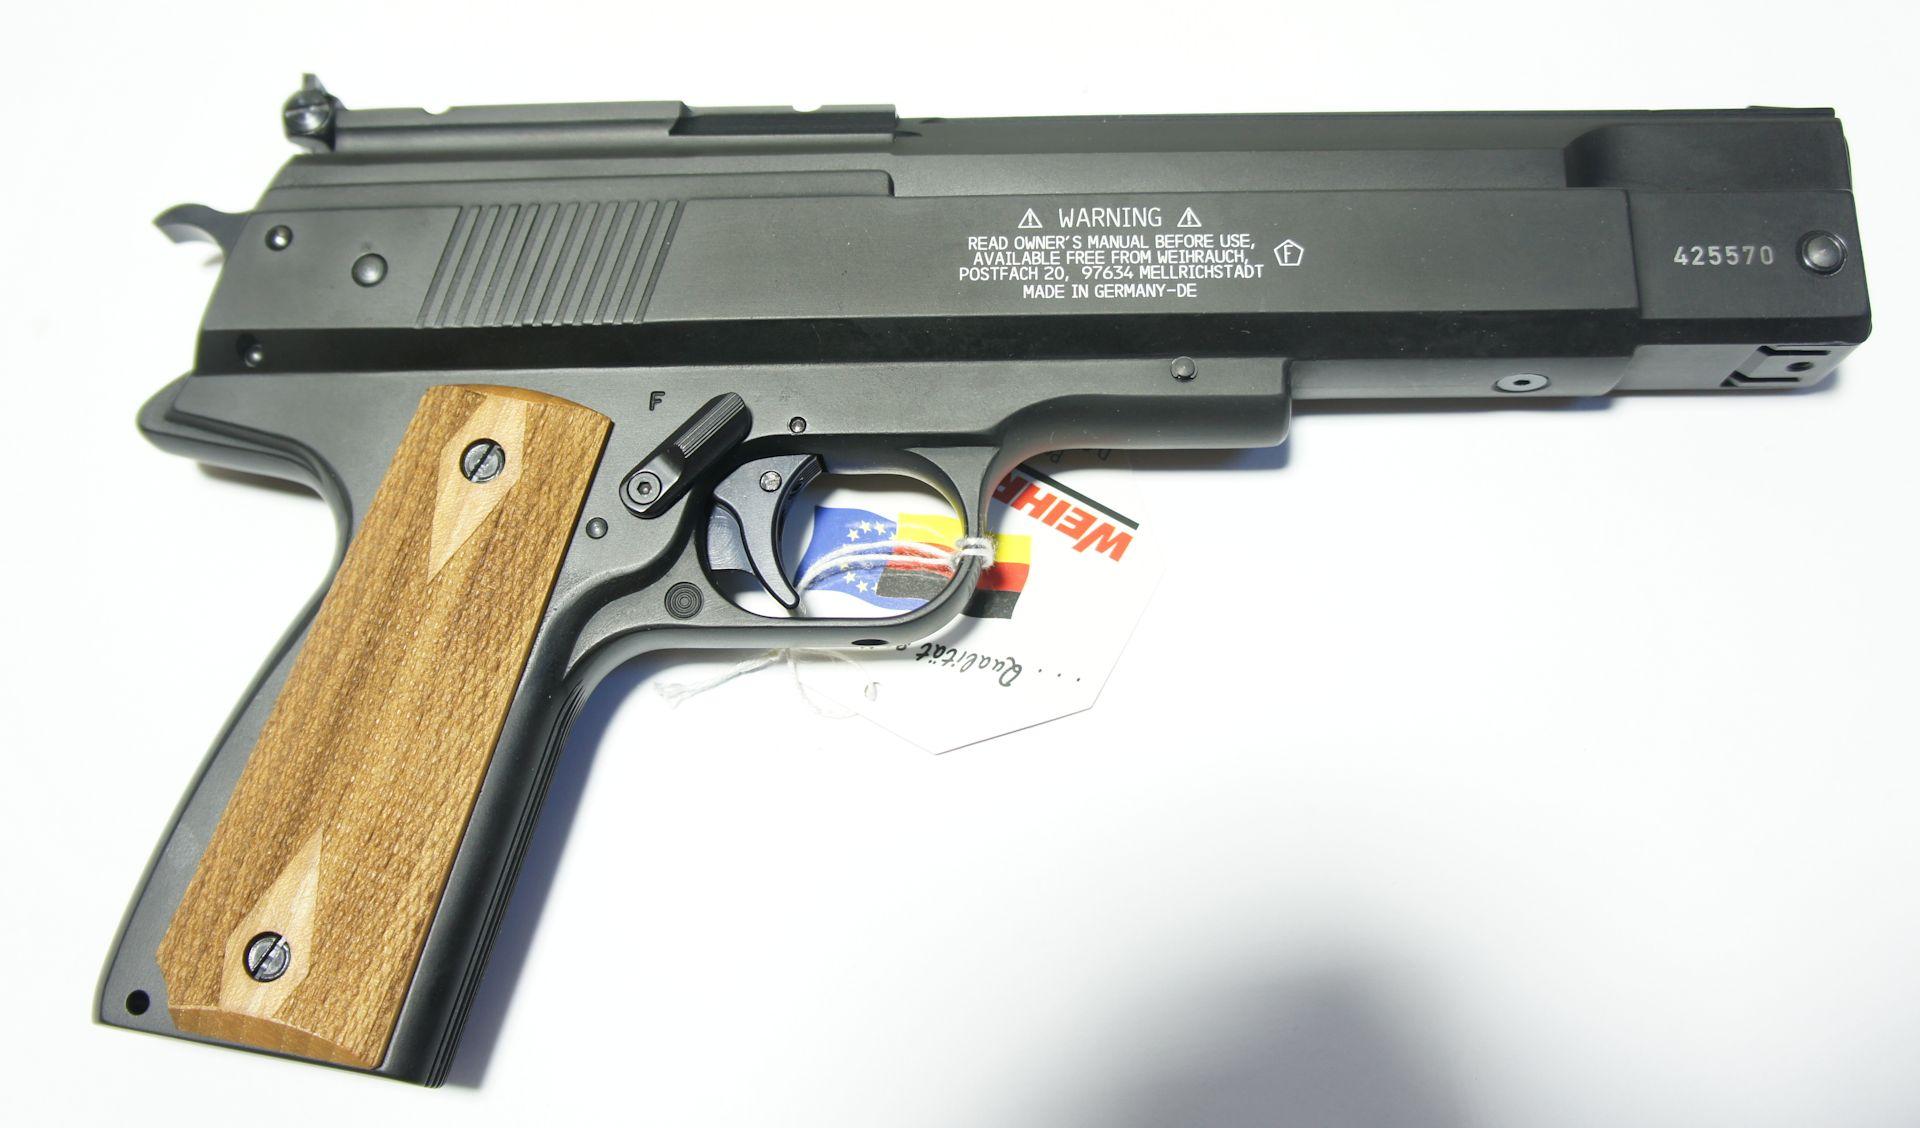 Bitte lesen Sie hierzu auch meine Hinweise zur Luftpistole HW 45  (unter dem Reiter Hinweise).